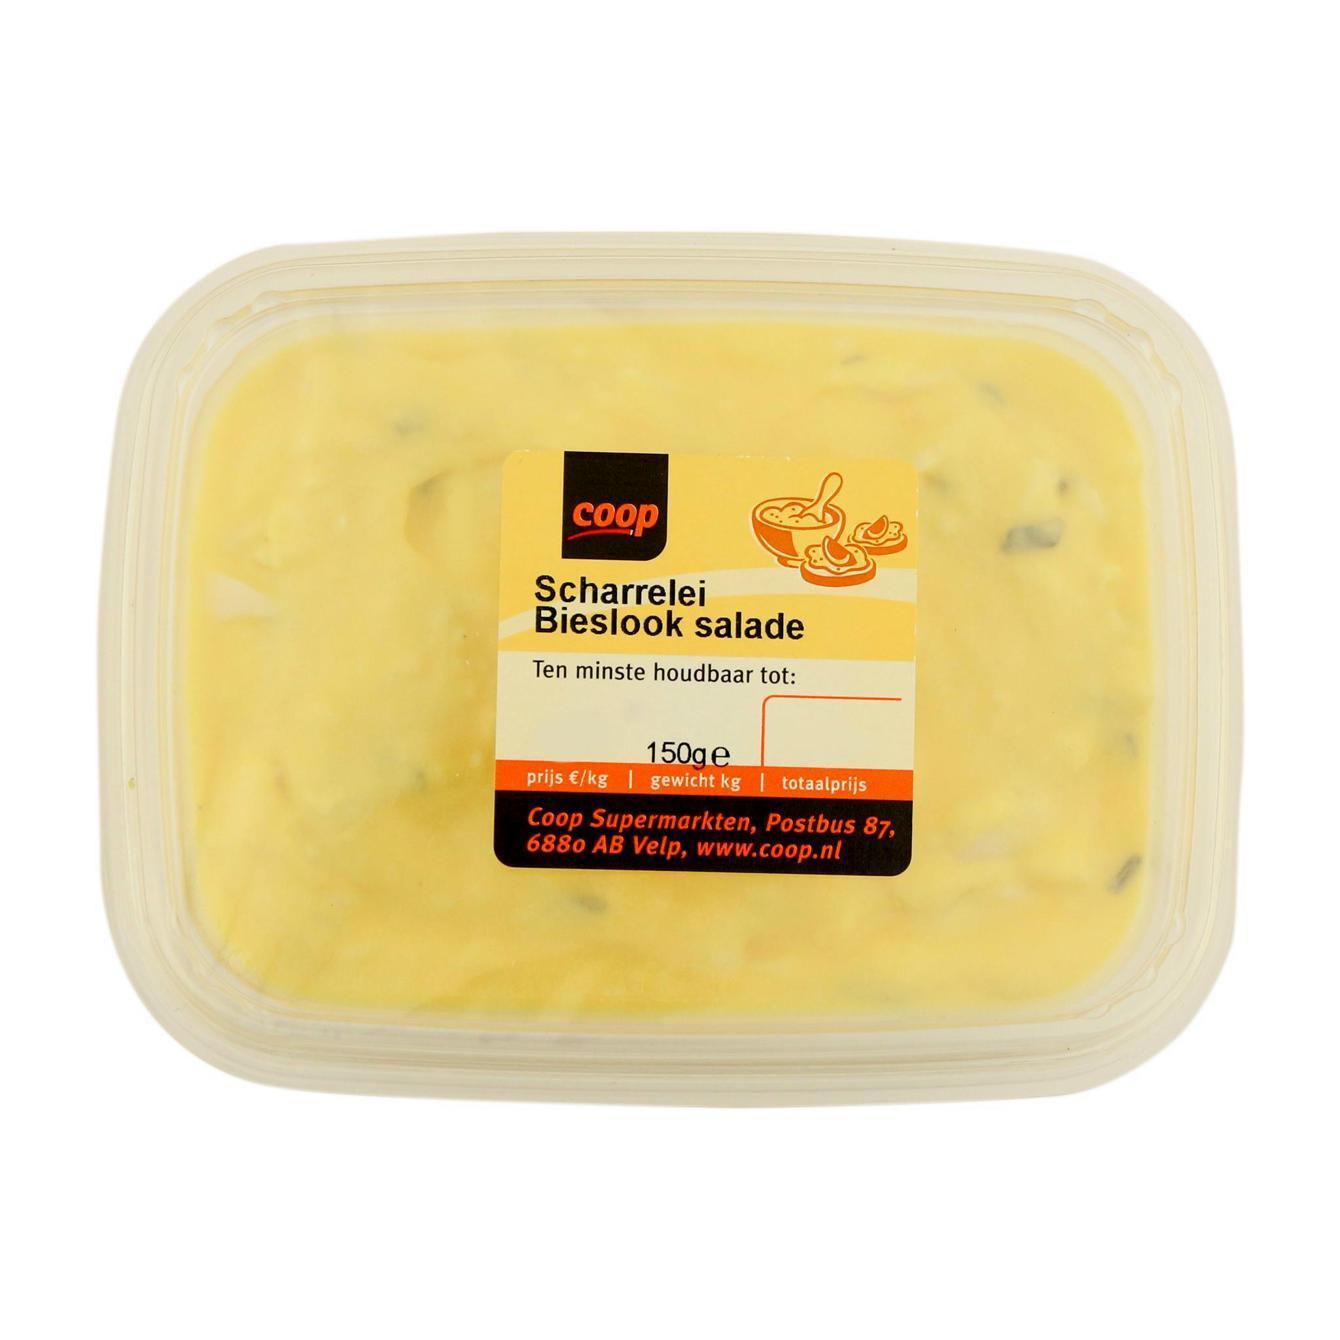 Scharrelei Bieslook Salade